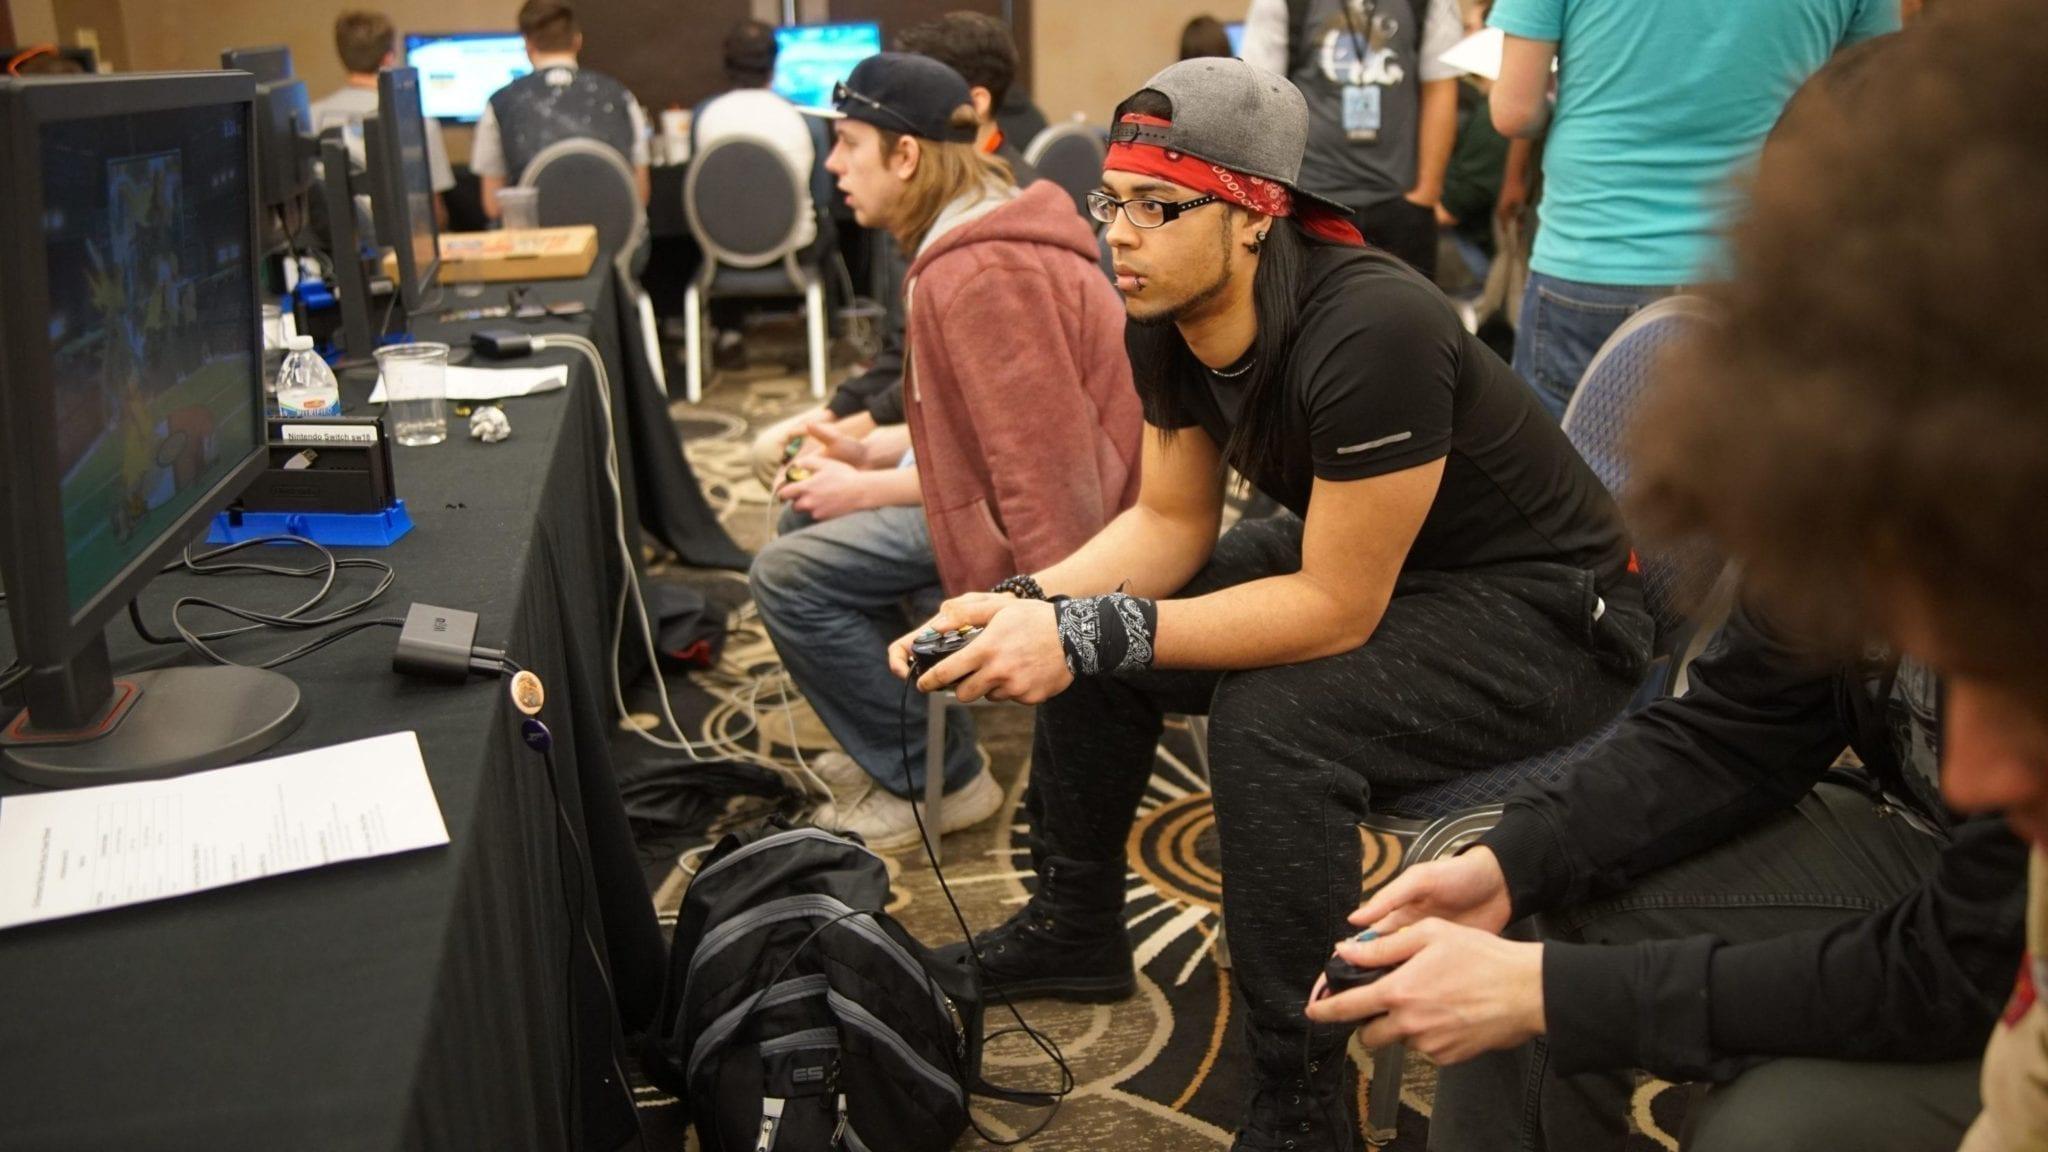 Gamer, die Spaß haben: Das Ergebnis beim Veranstalten eines Spielturniers